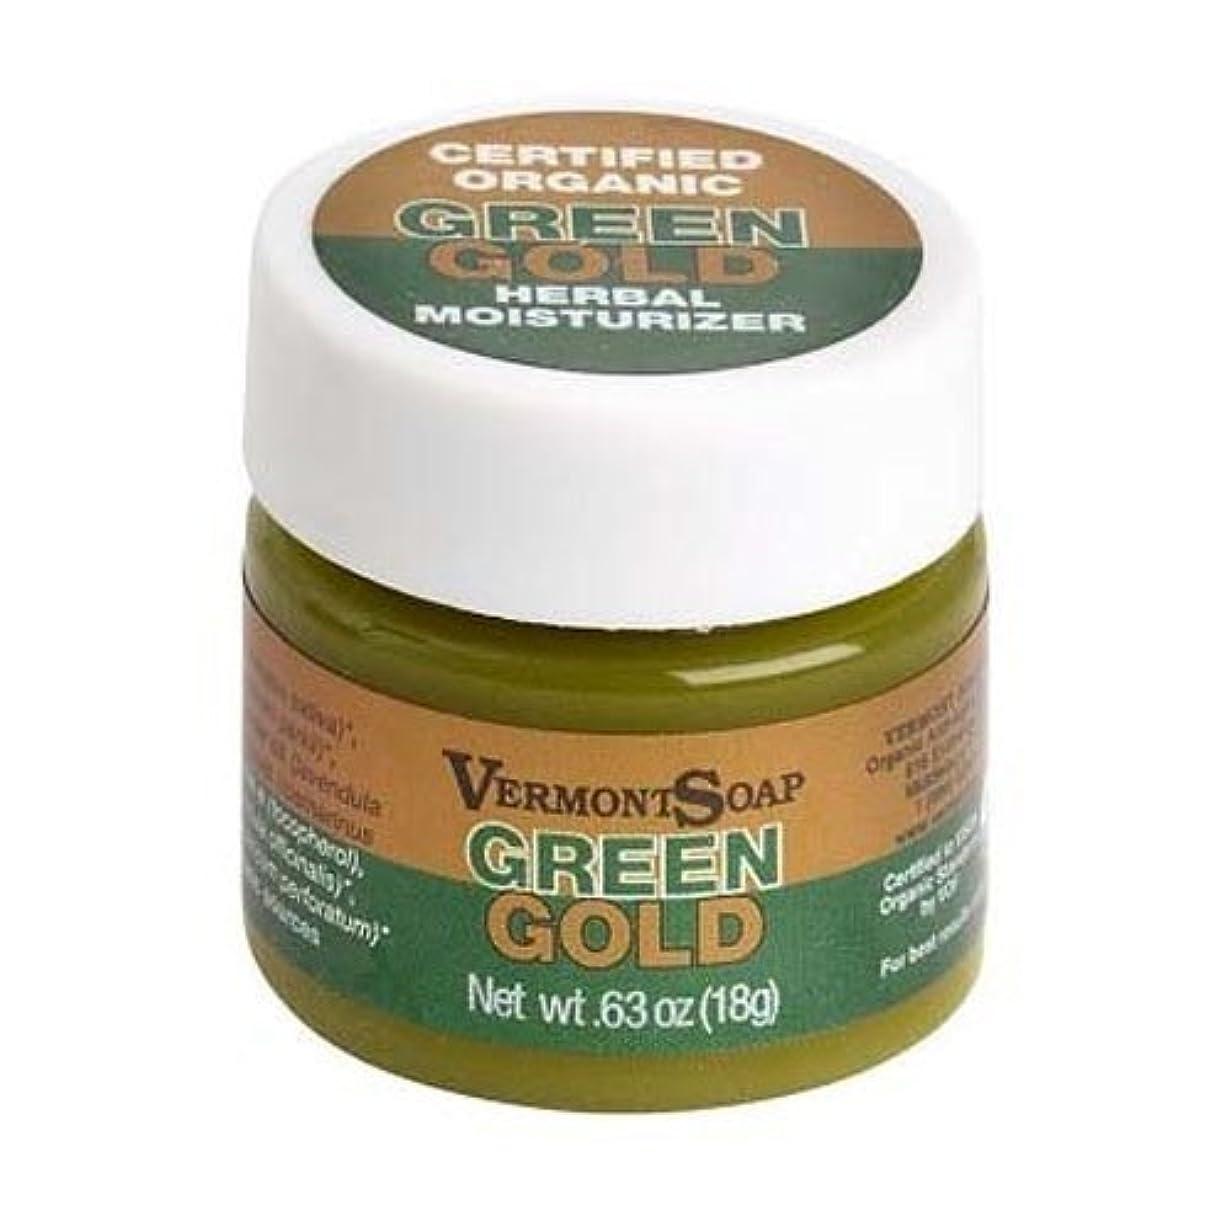 シロクマアソシエイトブッシュバーモントソープ オーガニック保湿クリーム グリーンゴールドS